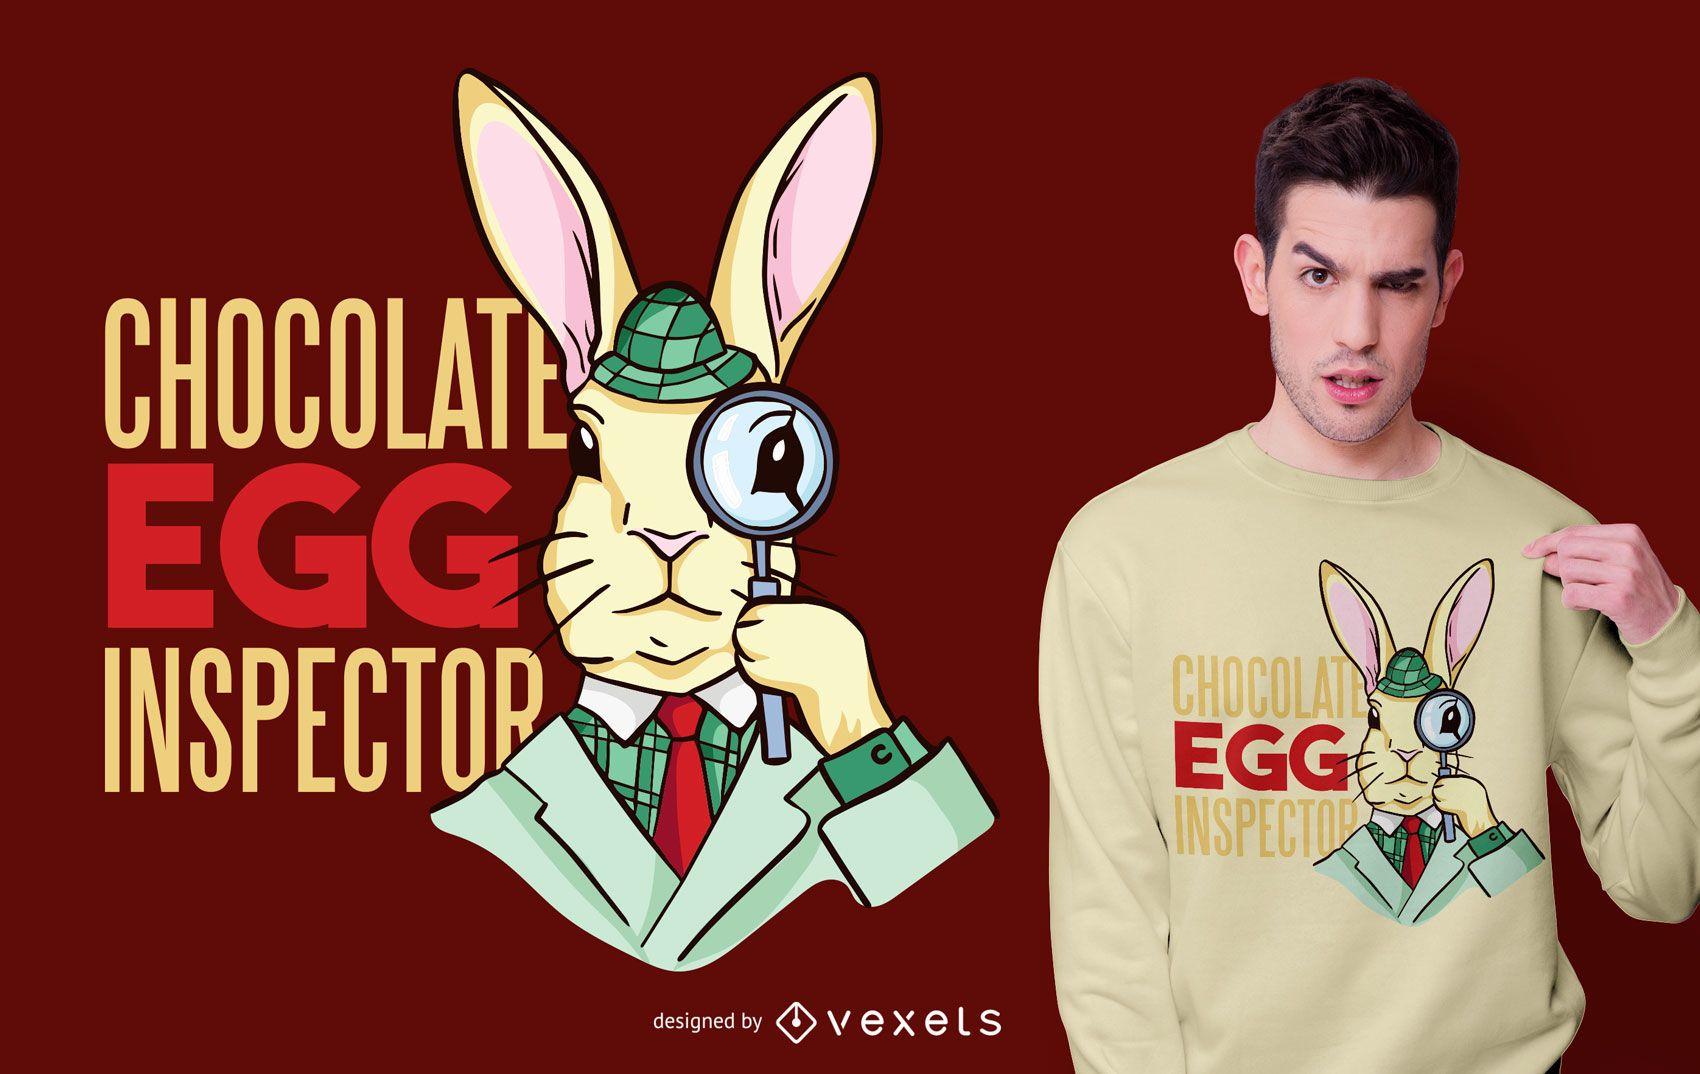 Easter Egg Inspector T-shirt Design